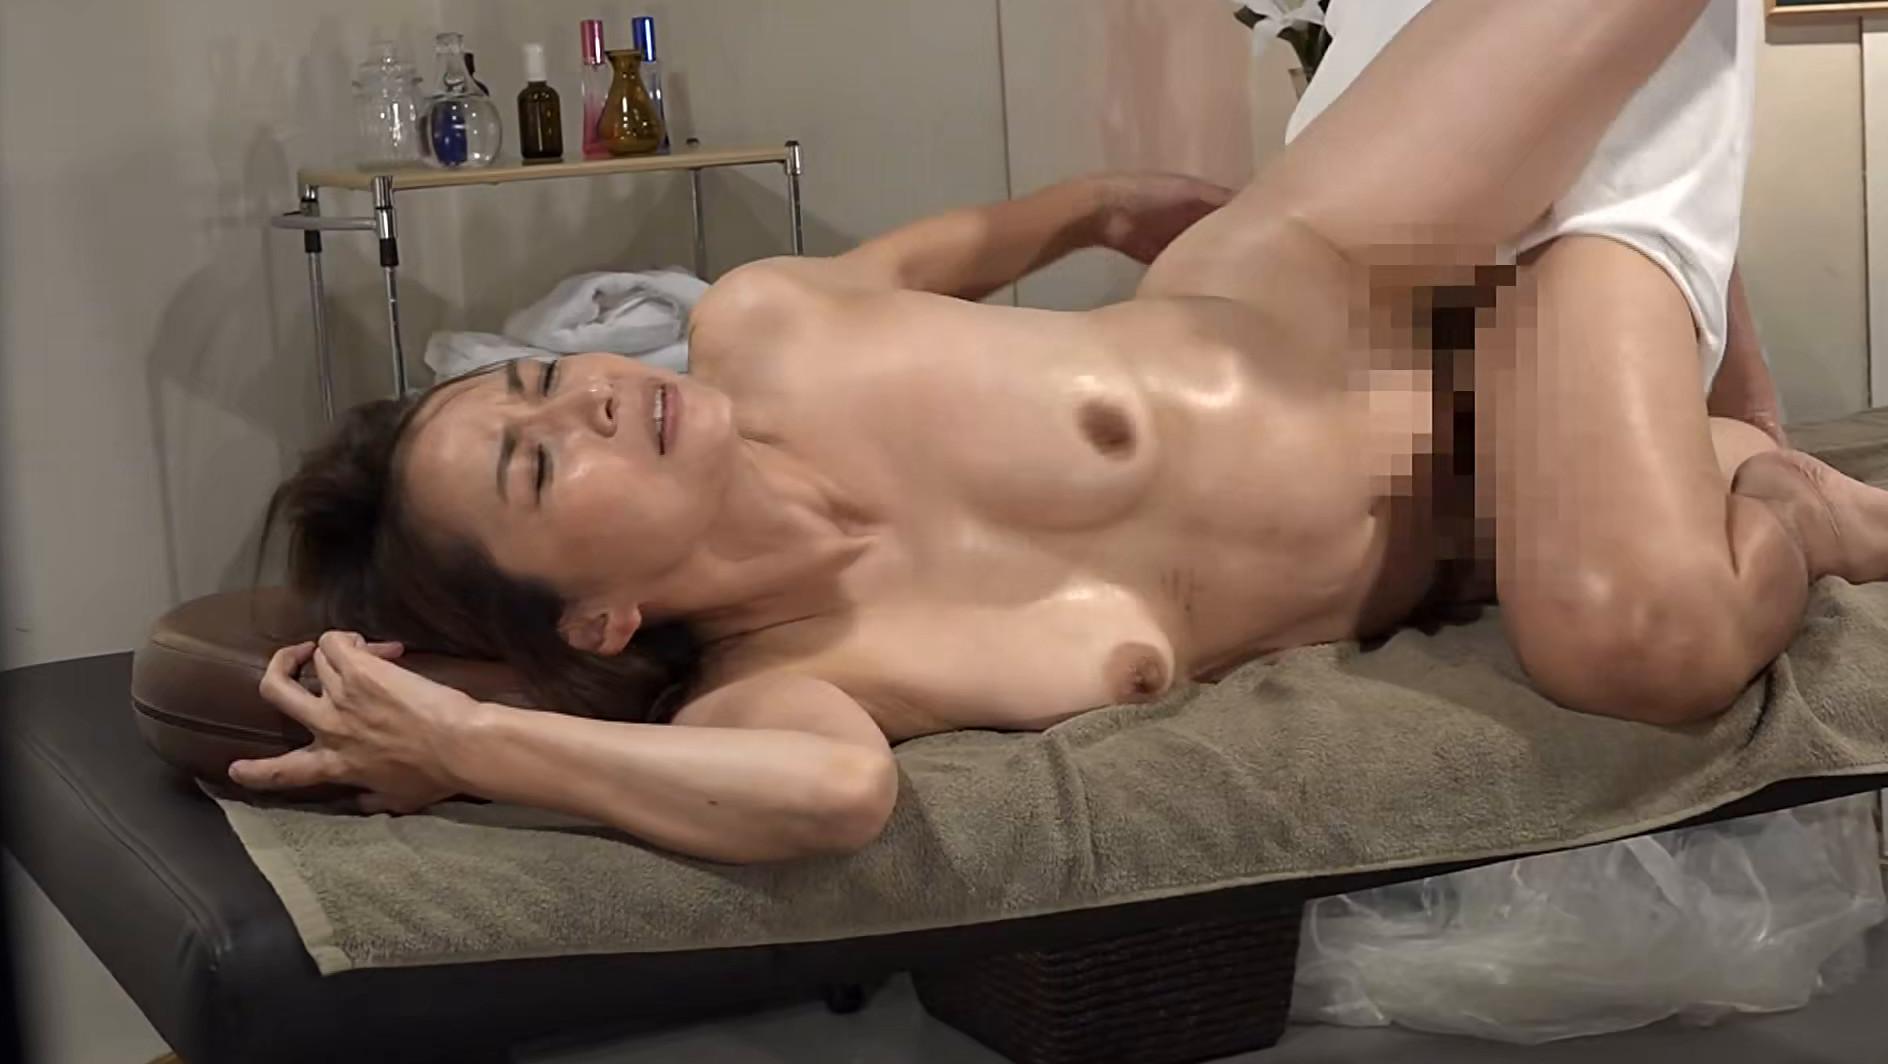 キレイな五十路熟女を性感マッサージで心ゆくまでイカせてみた4時間SP 画像18